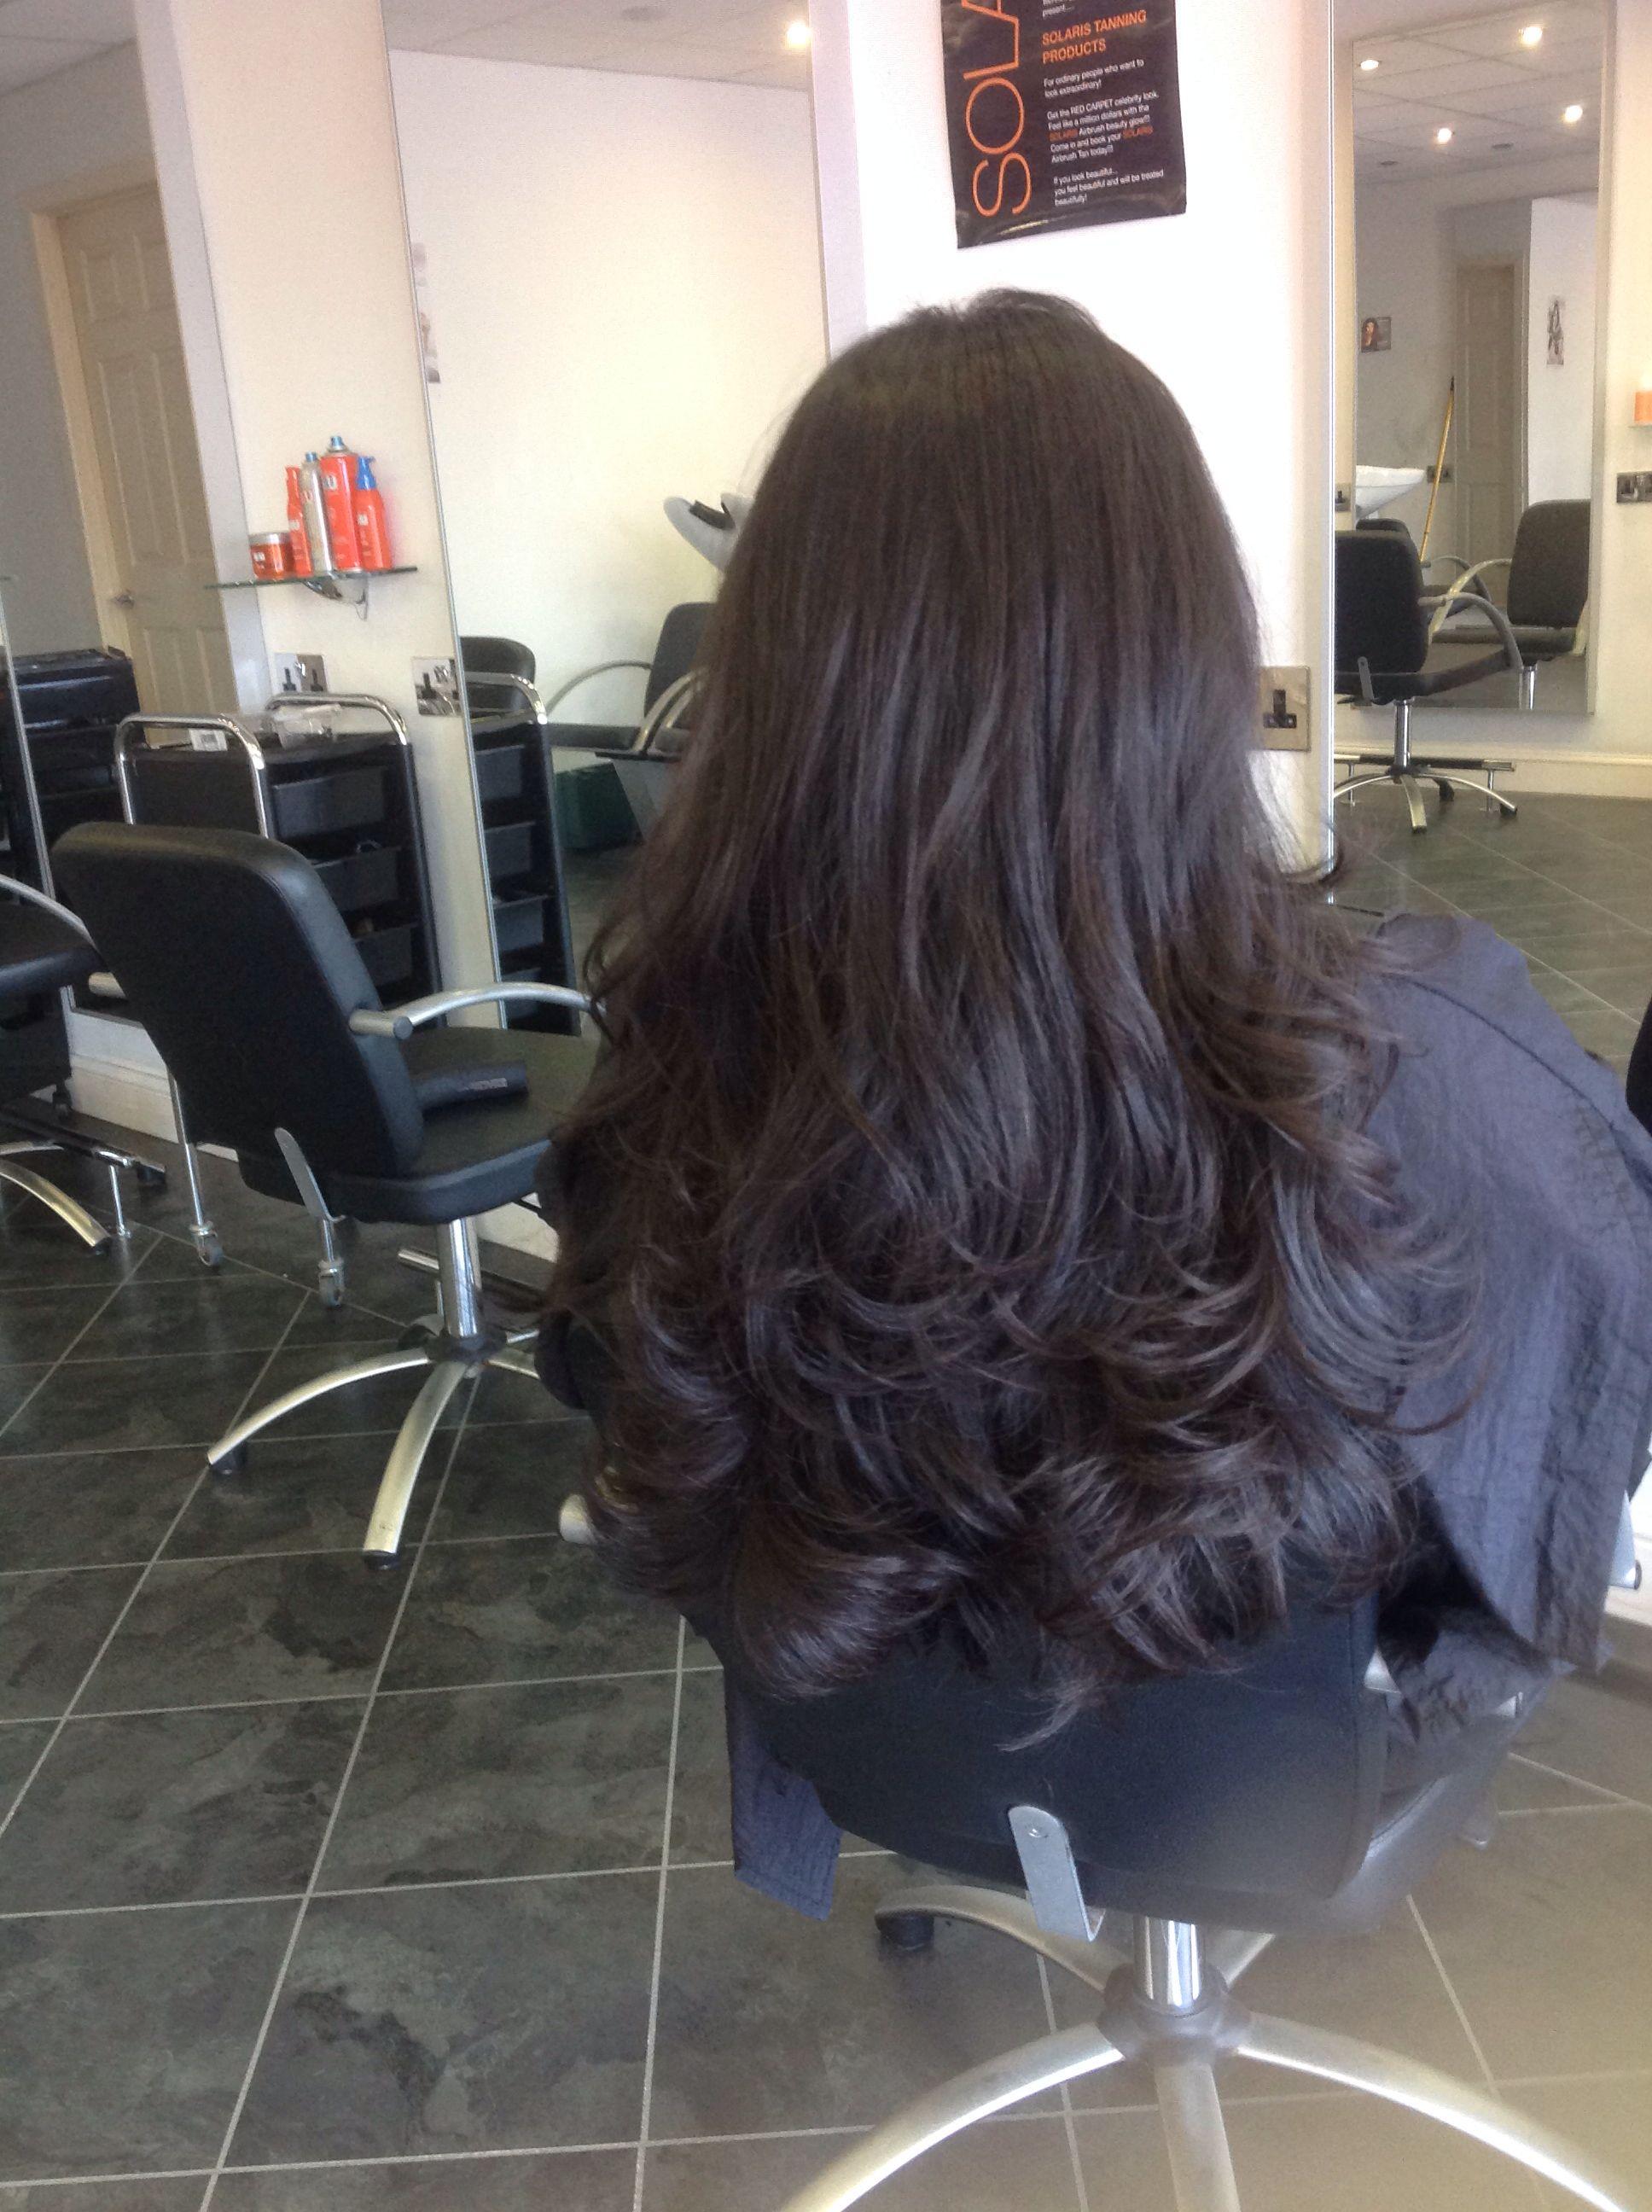 Long Hair Bouncy Blow Wave Dry Long Hair Long Hair Styles Blow Dry Hair